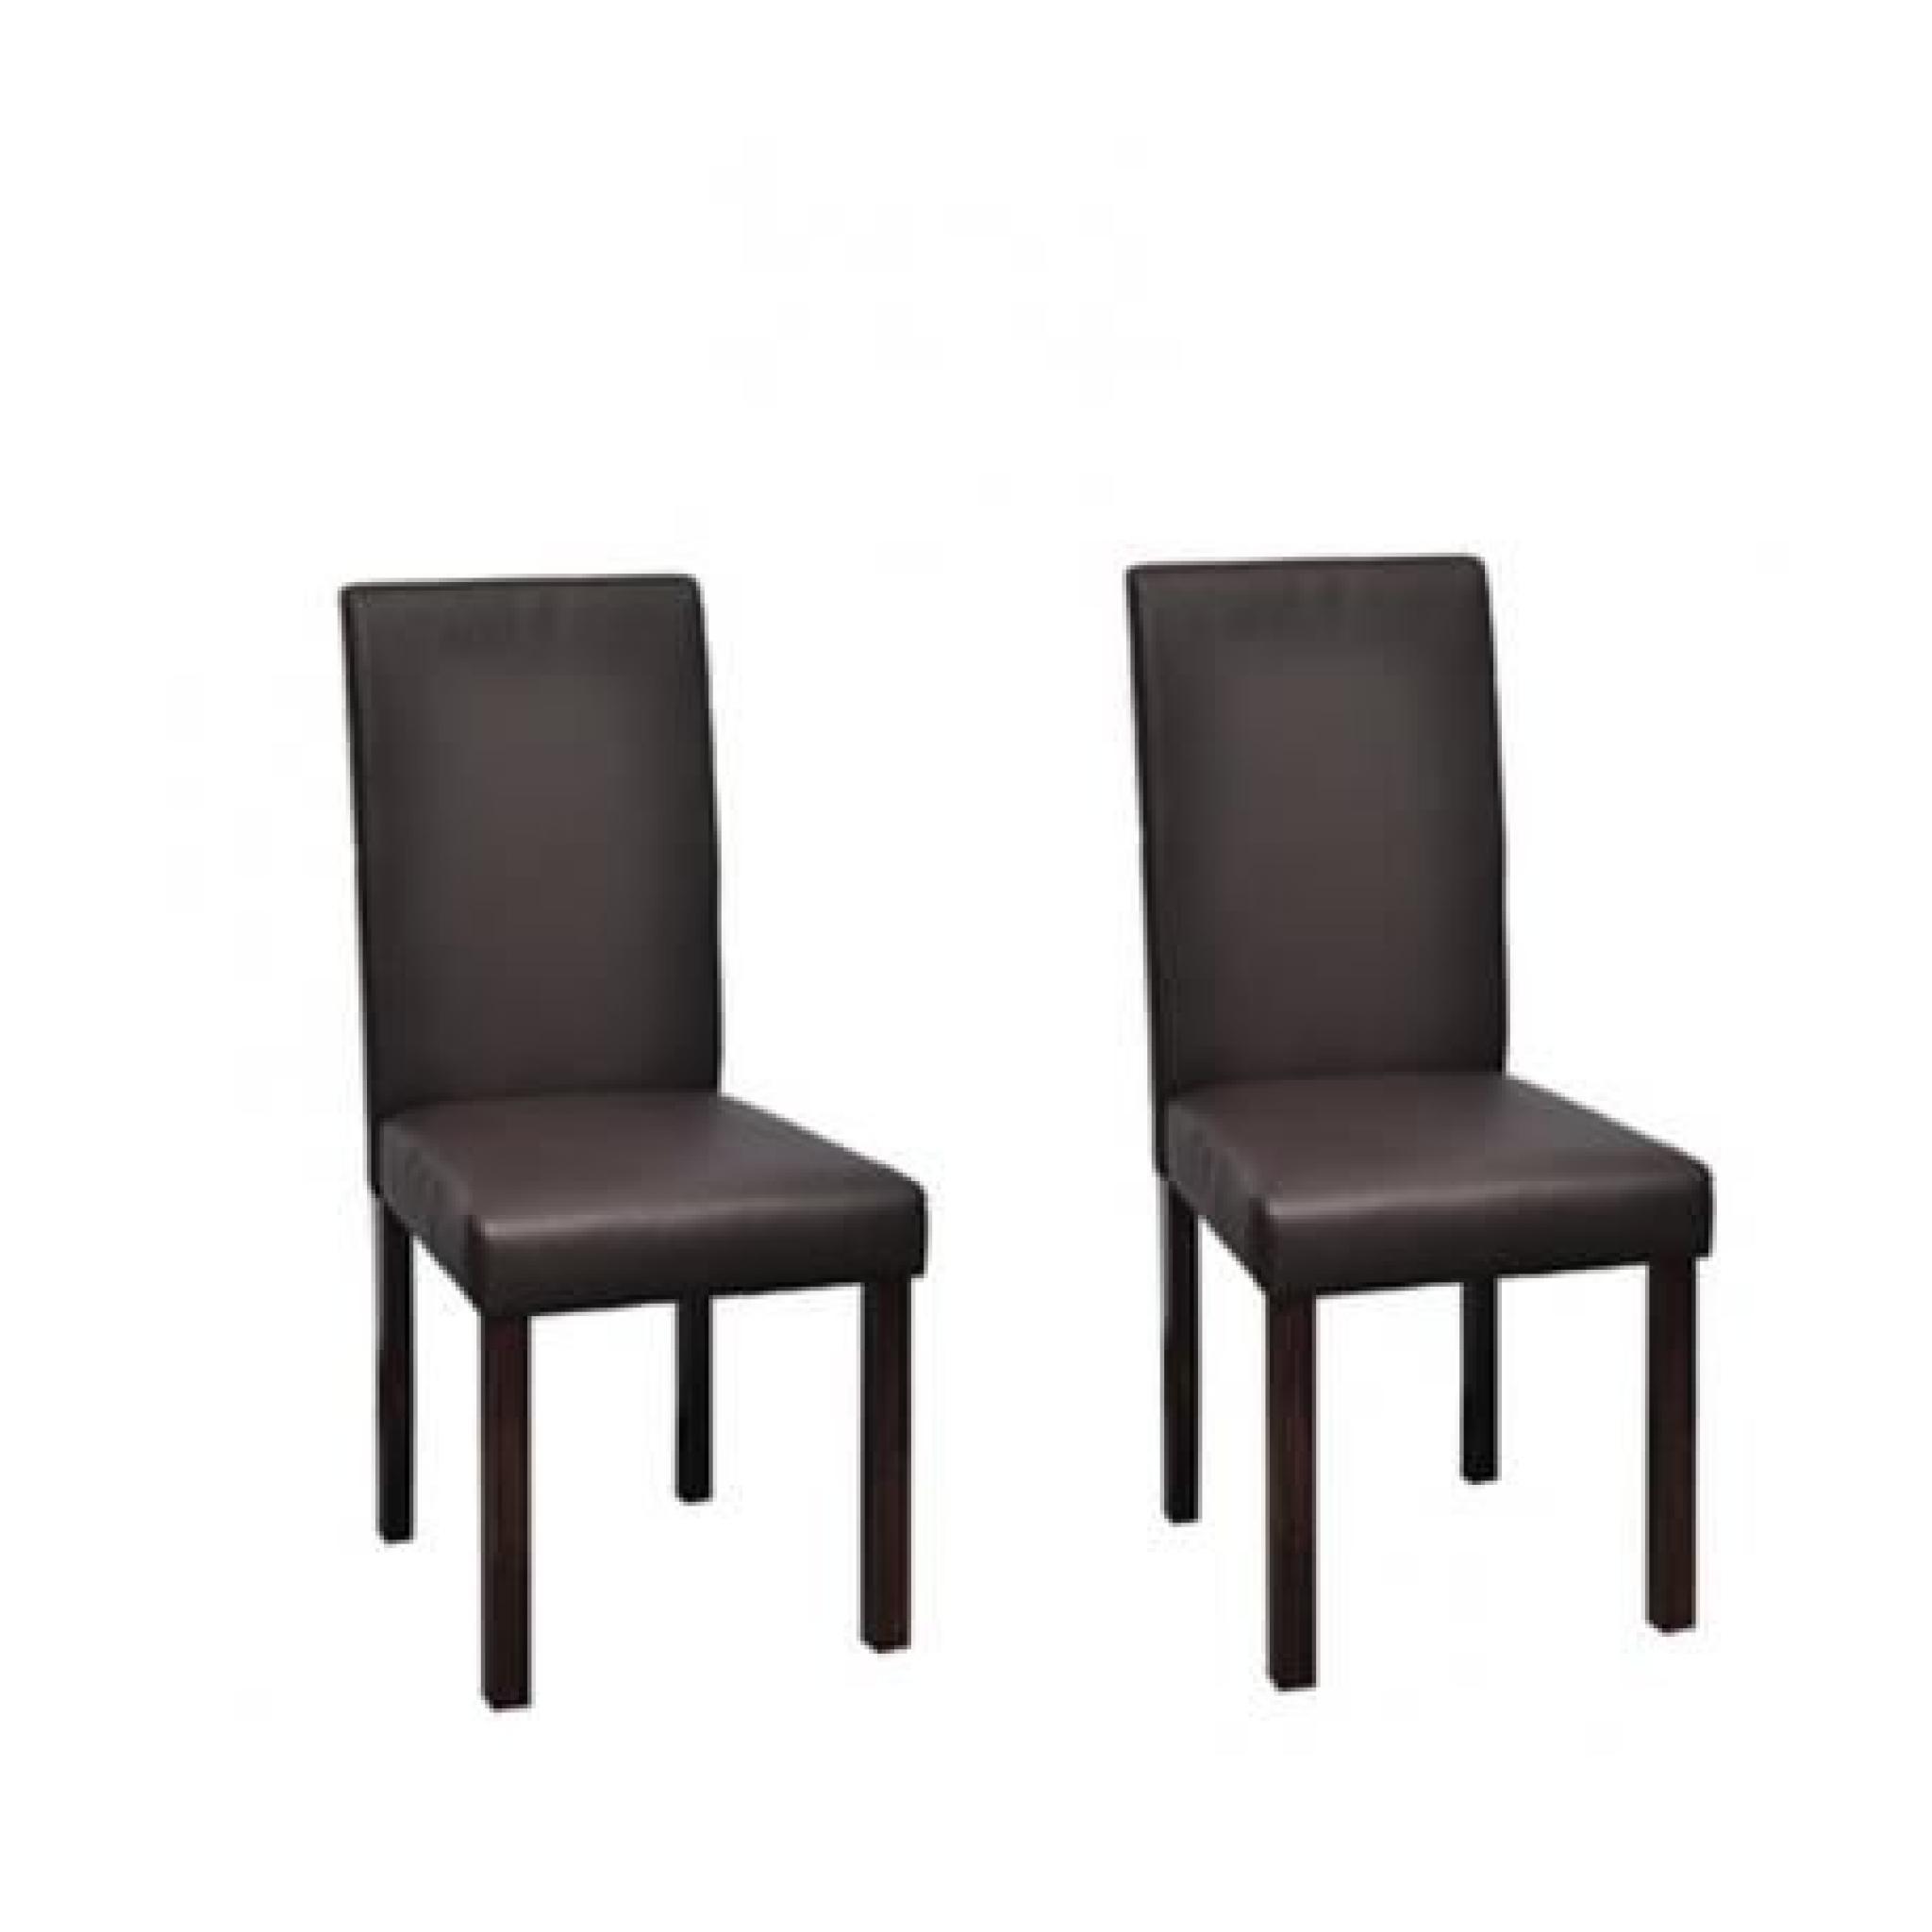 chaise design classique marron lot de 2 achat vente chaise salle a manger pas cher couleur. Black Bedroom Furniture Sets. Home Design Ideas